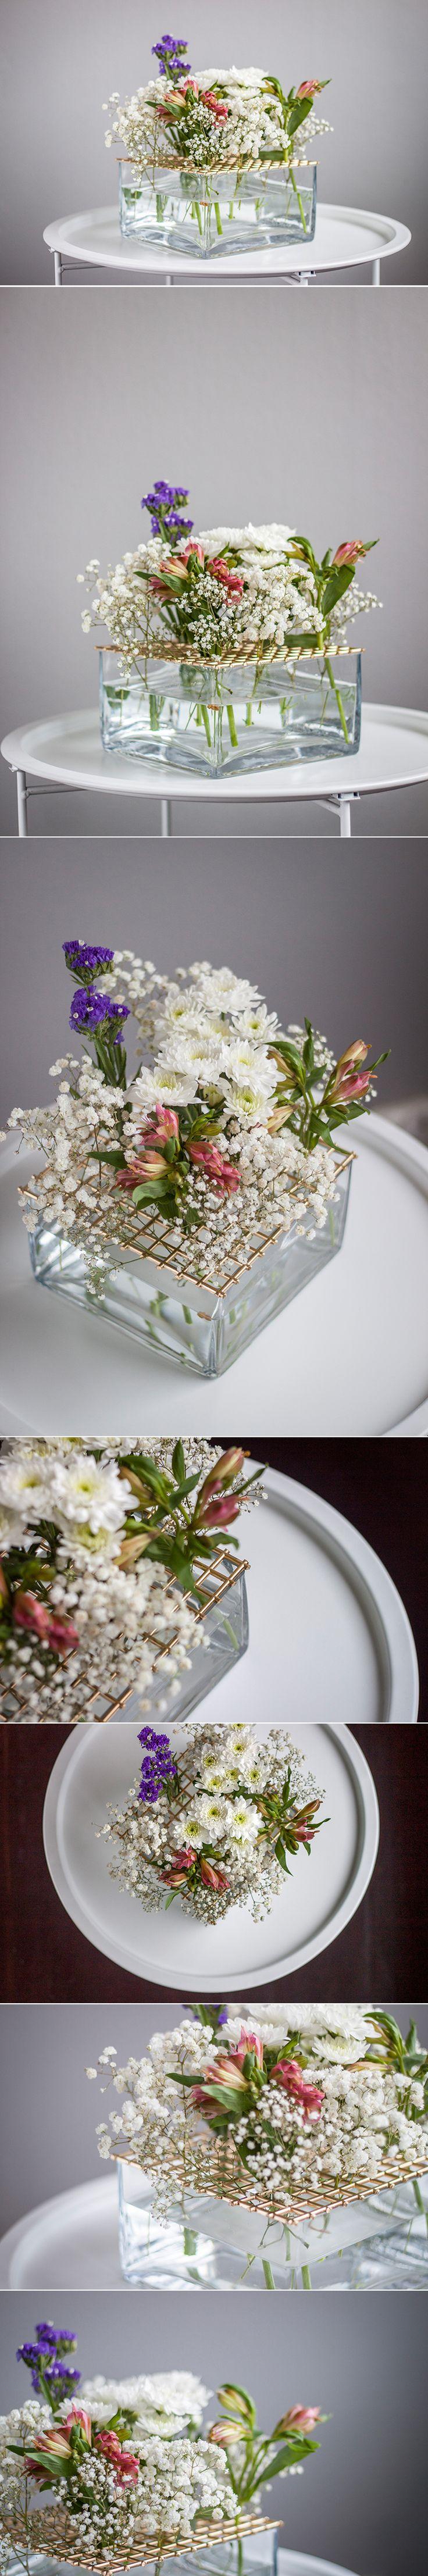 Stinas version av vasen 'Äng' från Klong. Monthly Makers februari, tema återbruk.